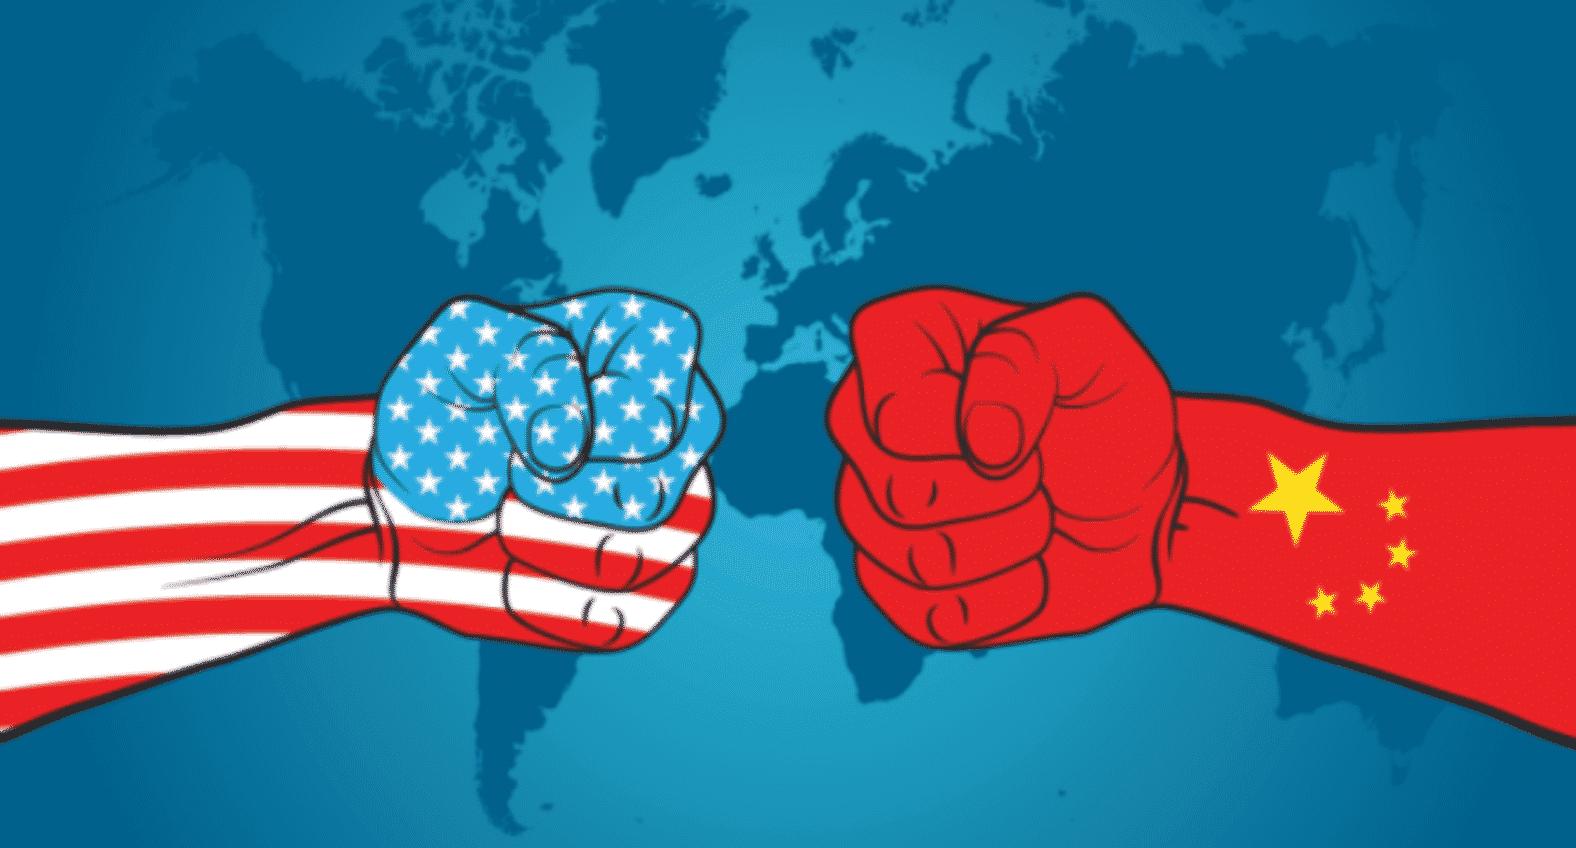 ΗΠΑ - Κίνα: Η μάχη που αφορά άμεσα την Ευρώπη